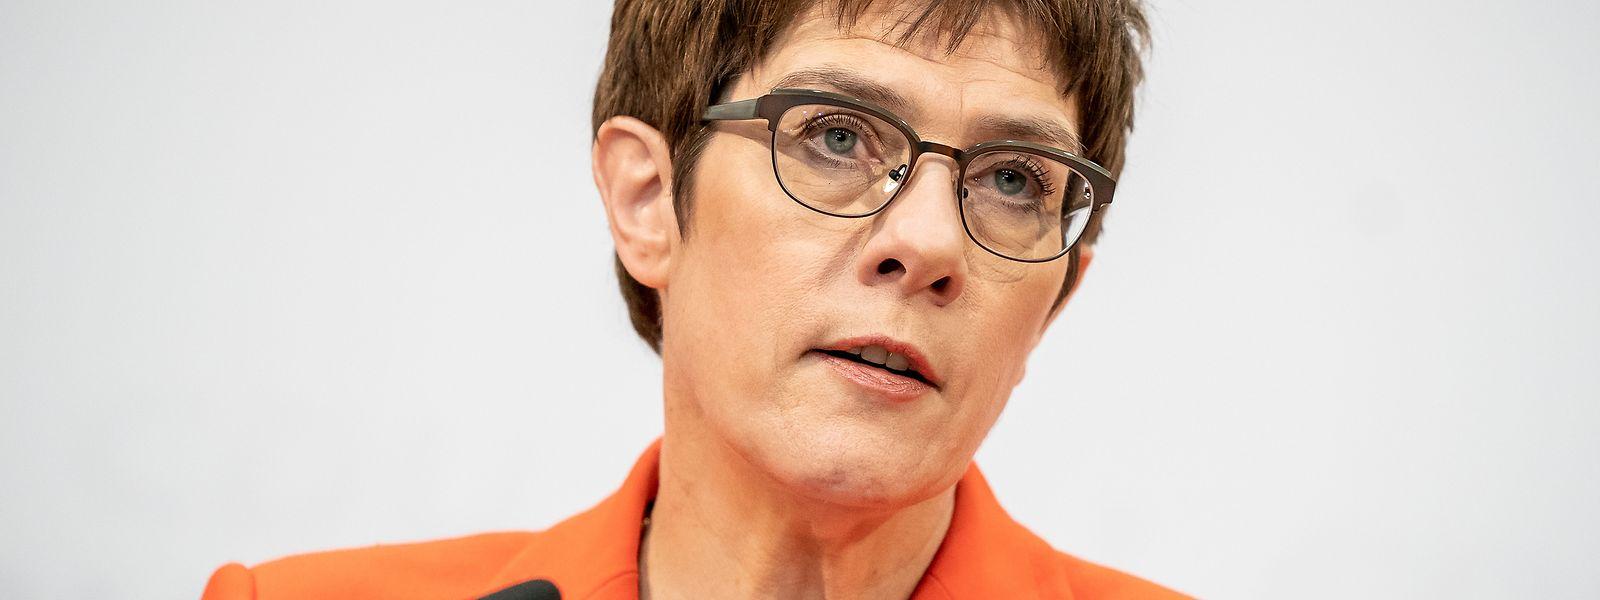 Annegret Kramp-Karrenbauer (CDU) wechselte im Frühjahr 2018 aus dem Saarland nach Berlin.